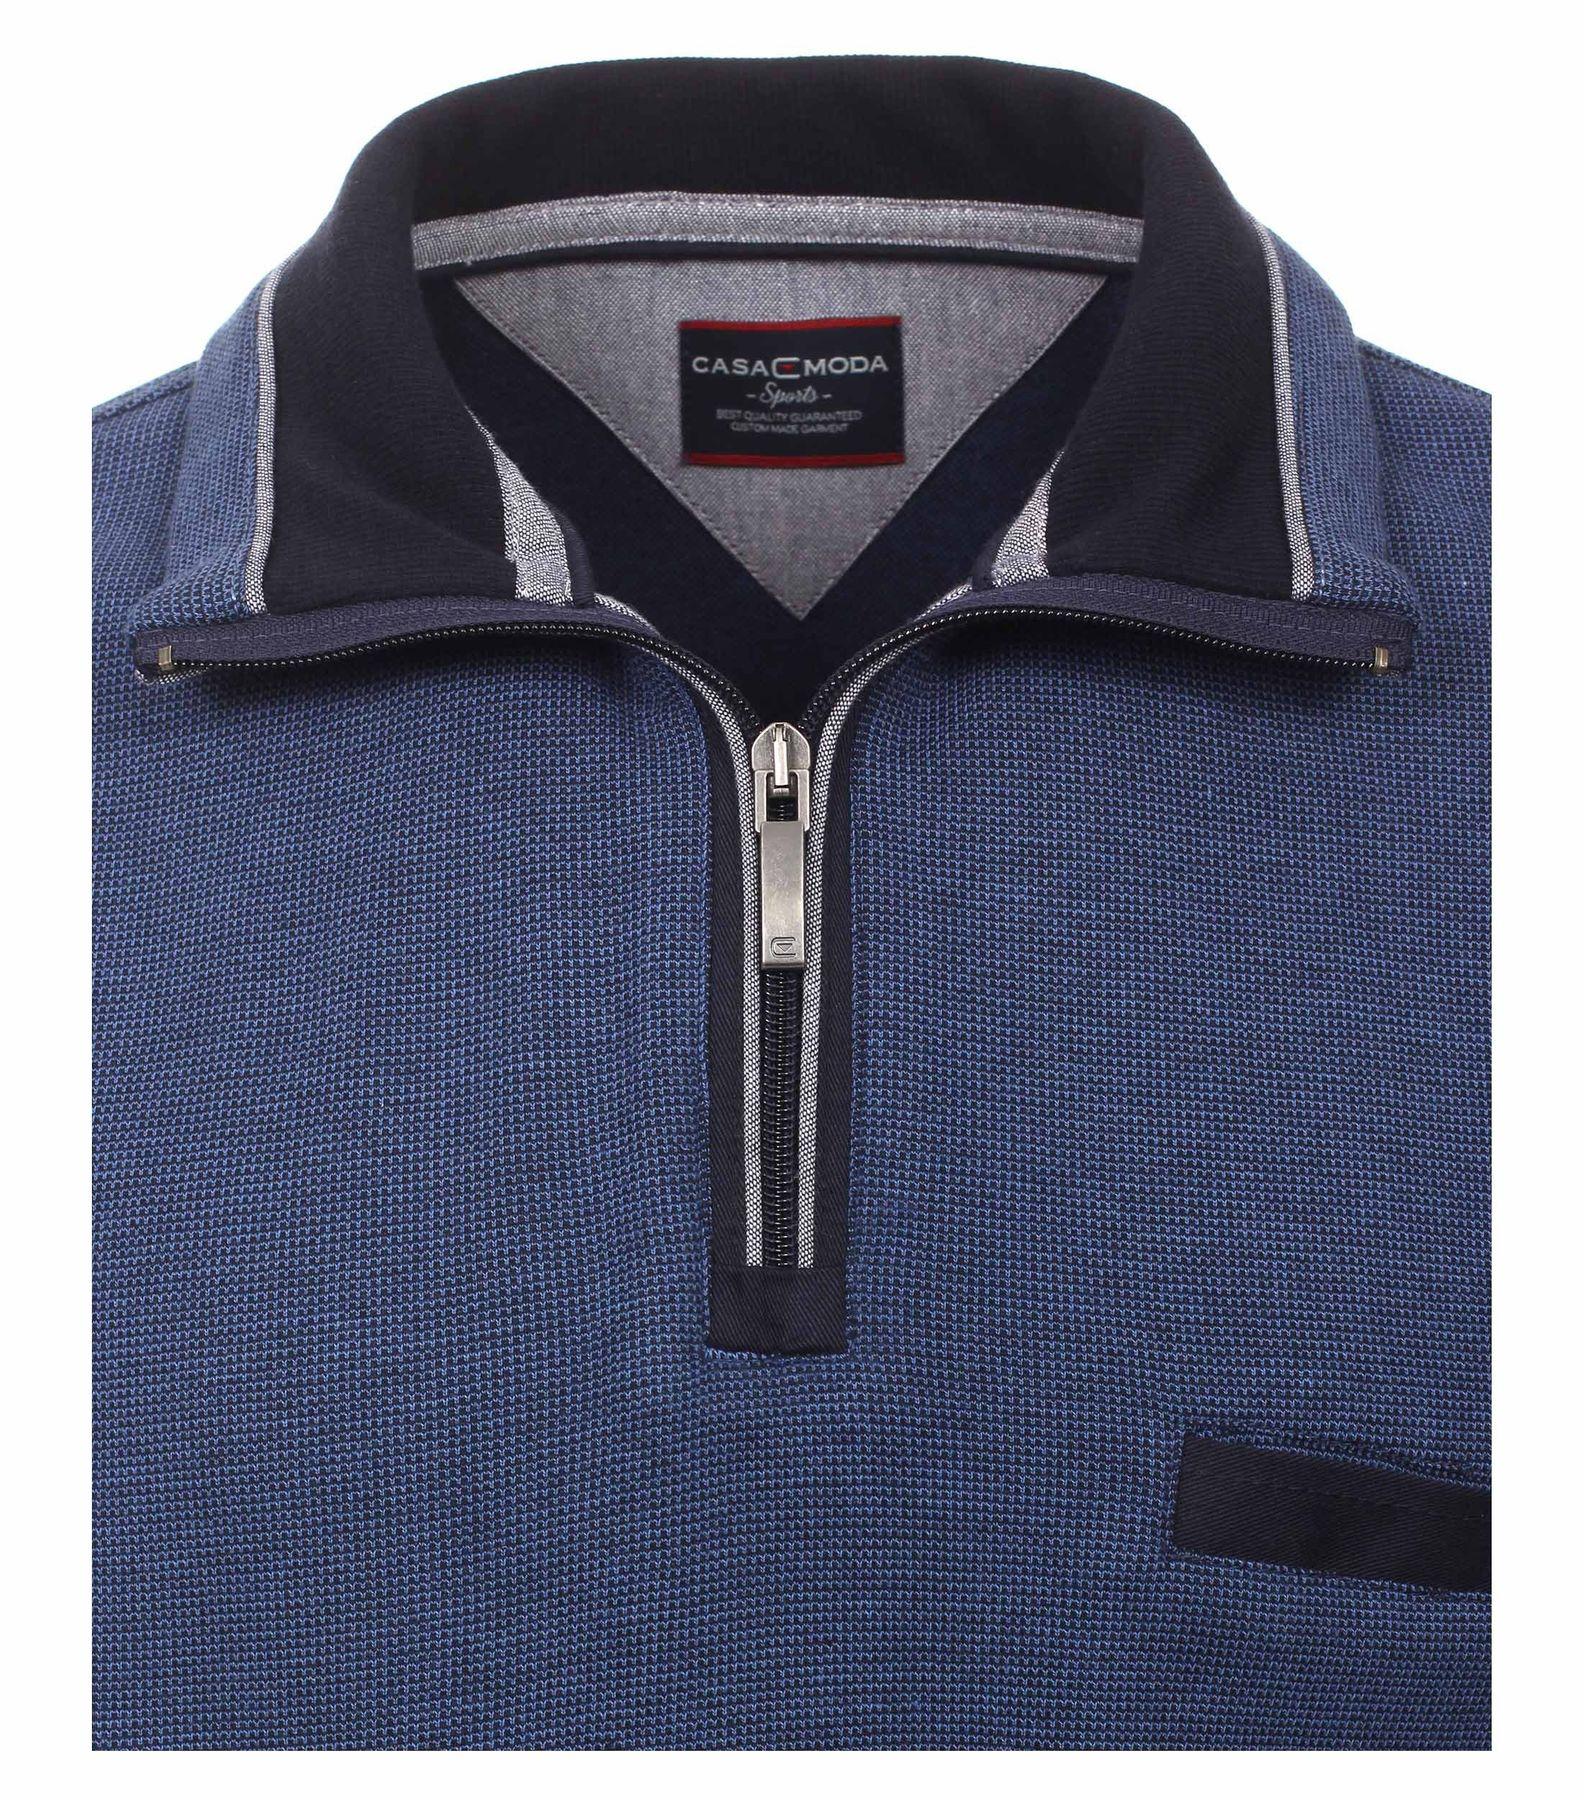 Casa Moda - Herren Troyer aus 100 % Baumwolle und mit abgesetztem Kragen (462522300 A) – Bild 3